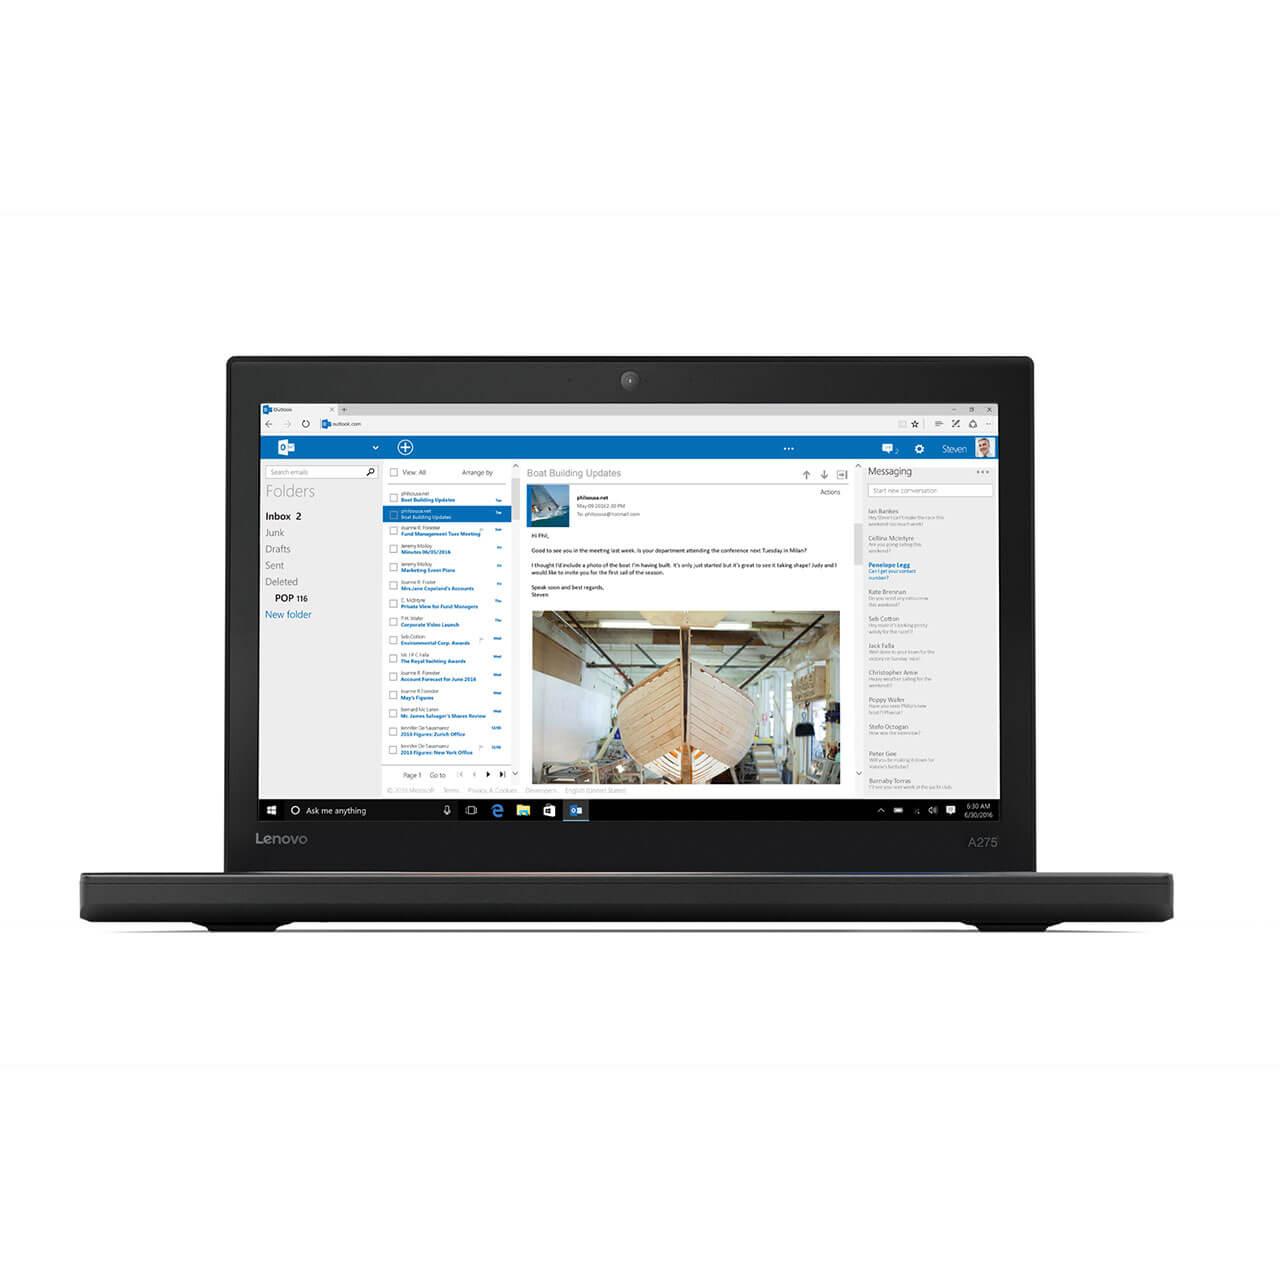 """Lenovo ThinkPad A275, 12.5"""", AMD A12-9800B -9800B, 8GB DDR4 RAM, 256GB SSD, Win 10 Pro 64 0"""